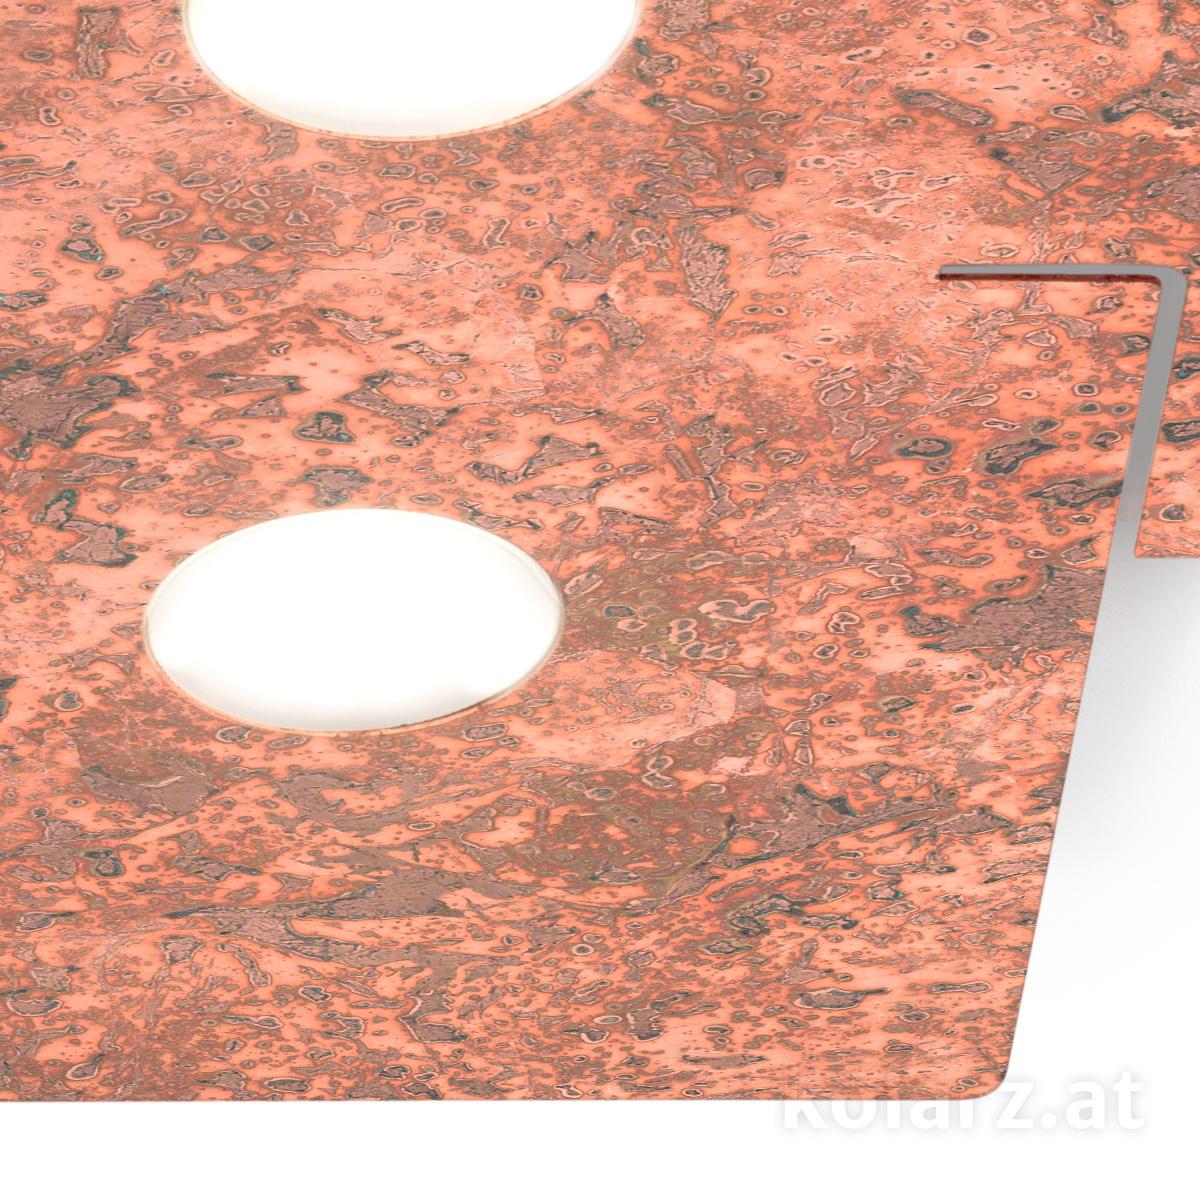 A1337-14-1-VinCu-f9.jpg